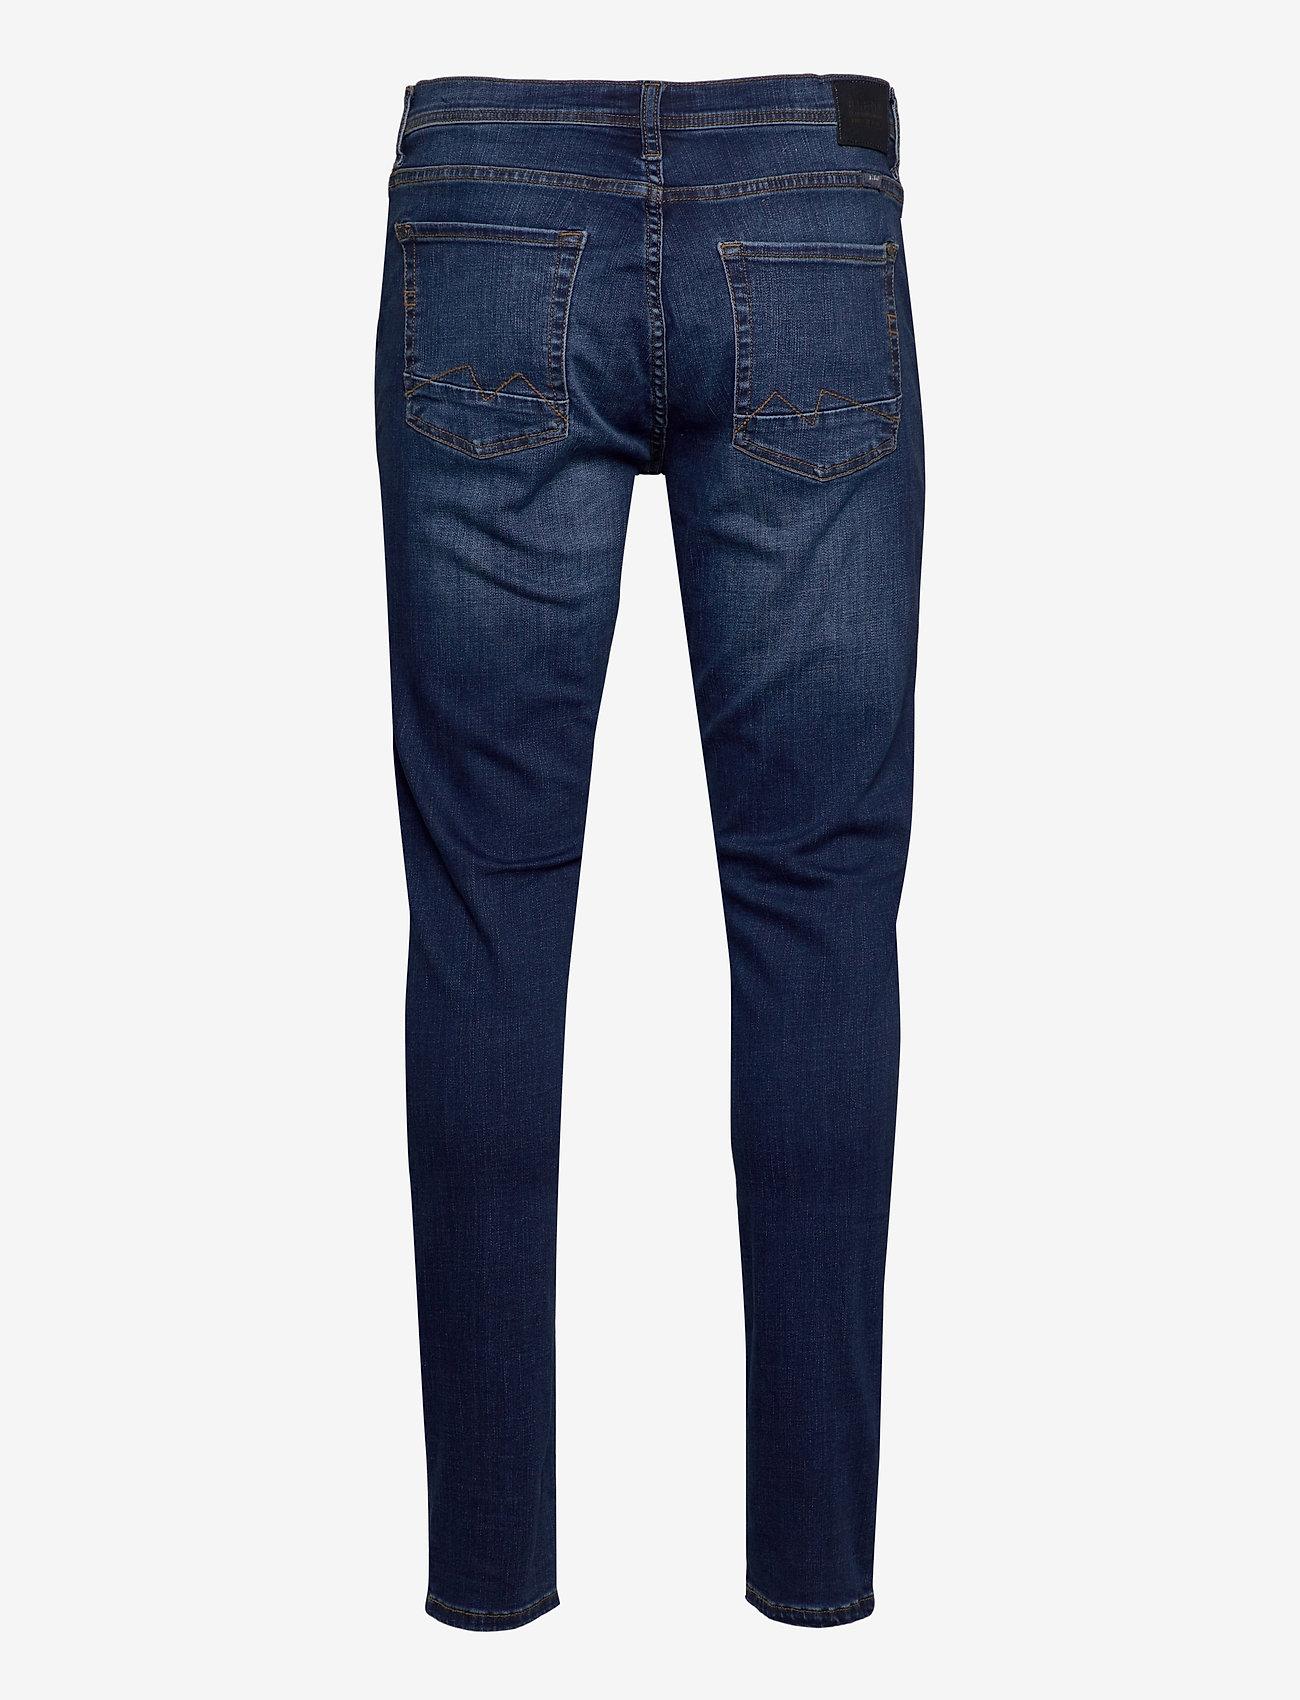 Blend - Jeans Multiflex - NOOS - skinny jeans - denim dark blue - 1